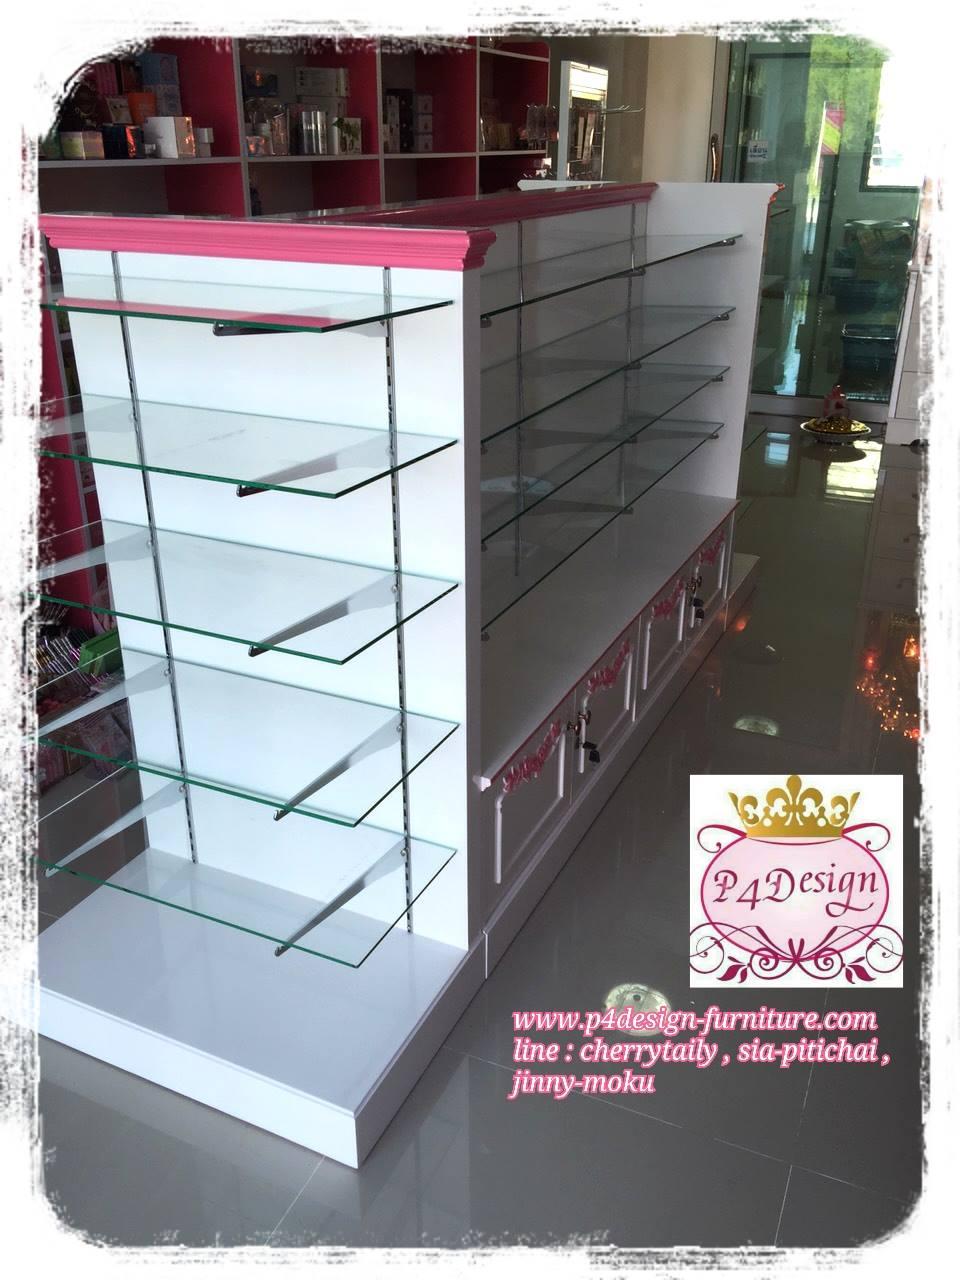 งานจัดส่งคุณน้ำทิพย์ # ร้านเตยงาม บิวตี้ # @อ.เมือง จ.ชลบุรีจ้า ^^